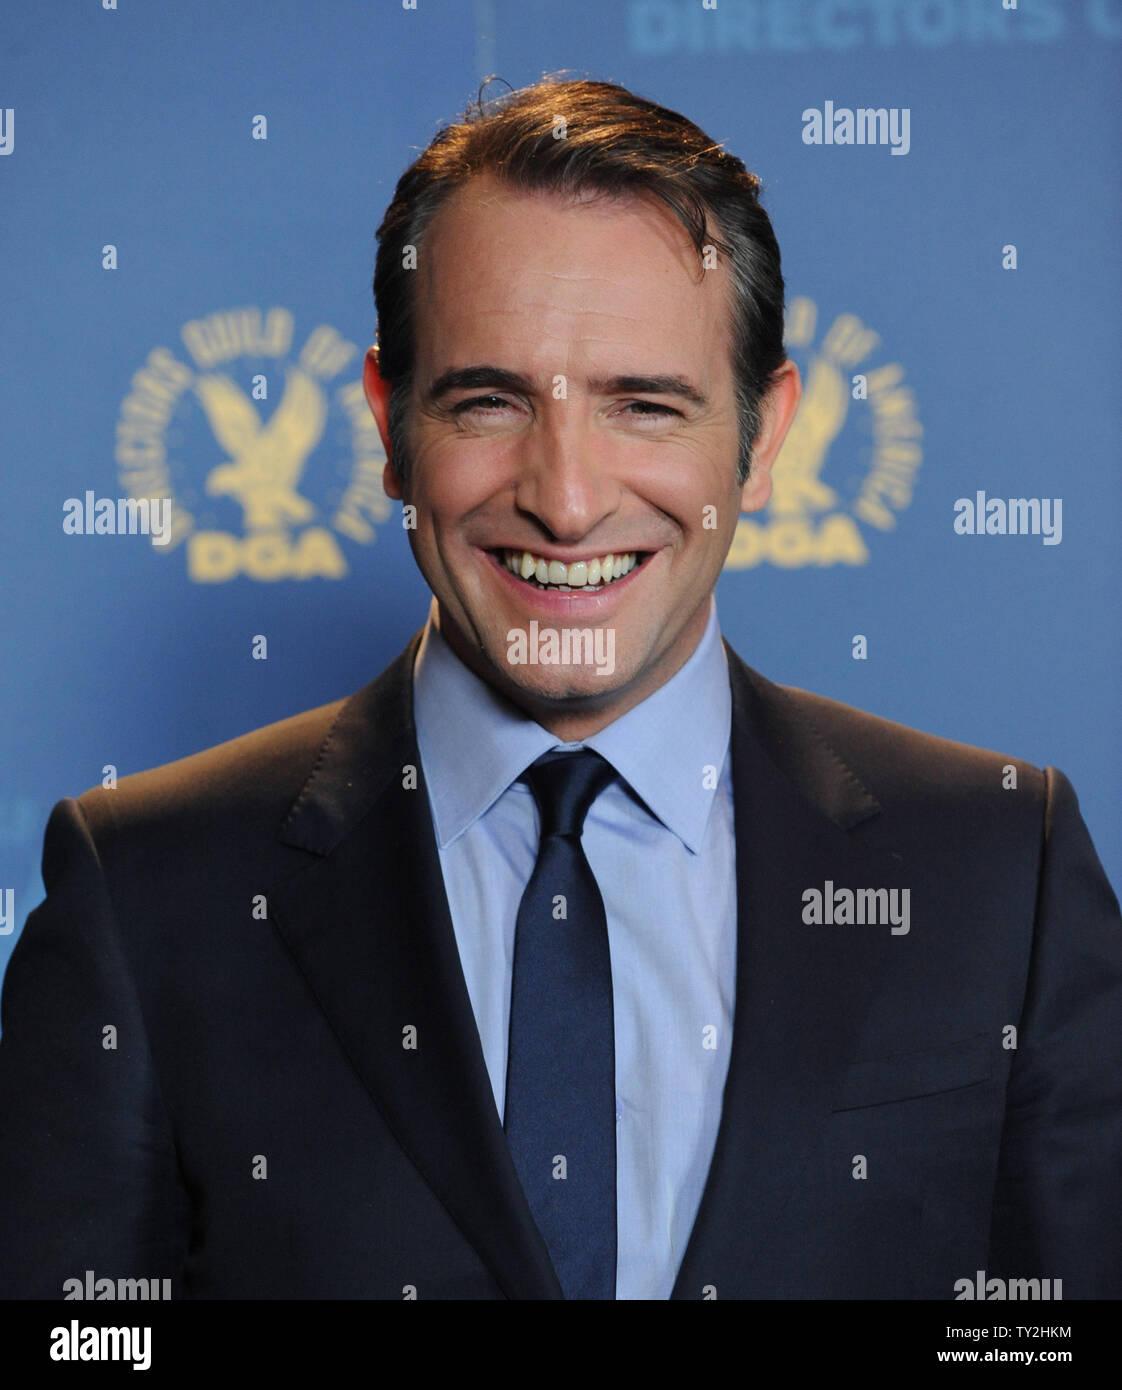 'El artista' miembro del reparto Jean Dujardin parece backstage en la 64ª anual de Directors Guild of America Awards en Los Angeles el 28 de enero de 2012. UPI/Jim Ruymen Imagen De Stock